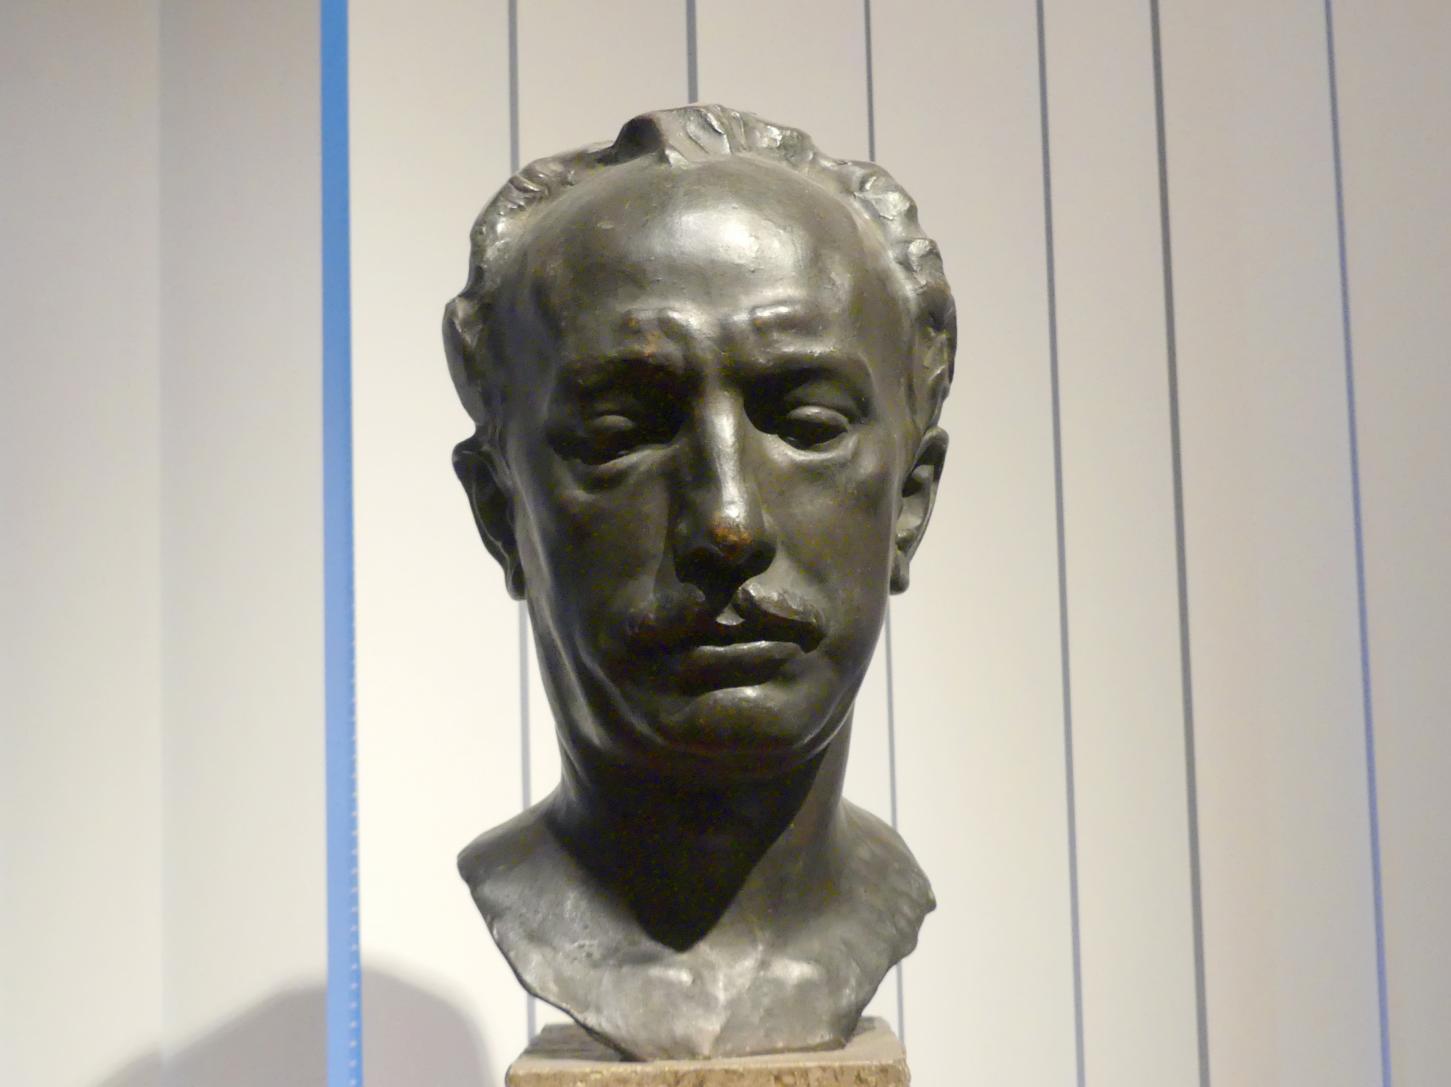 Hugo Lederer: Porträt des Richard Strauss (1864-1949), deutscher Komponist, 1908